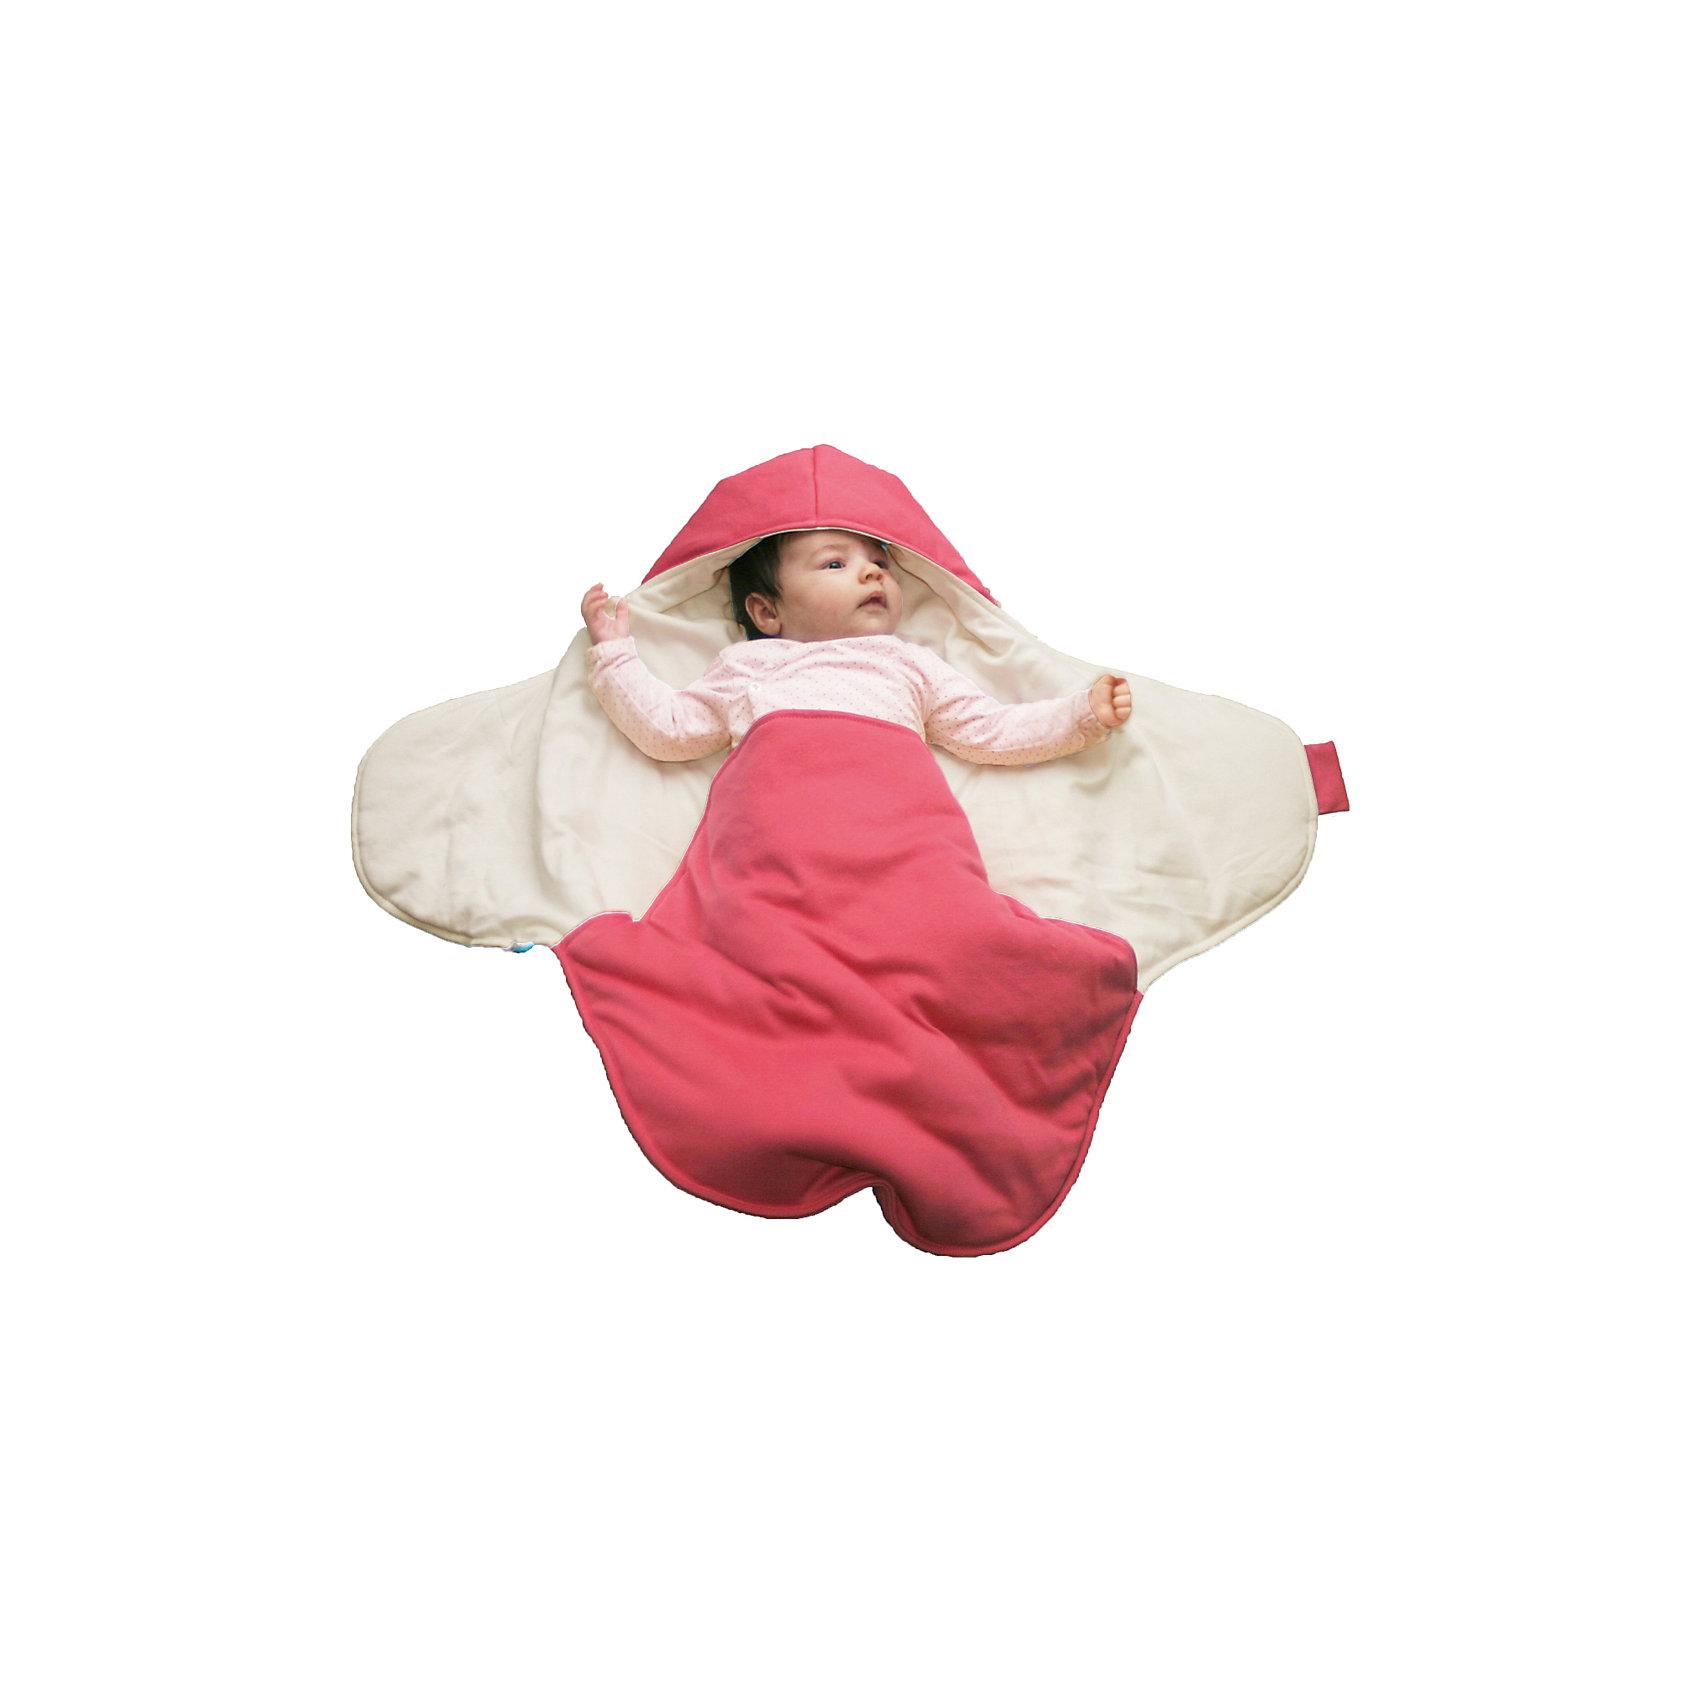 Конверт Кокон трикотаж классика, Wallaboo, красный/экрюКонверт Кокон трикотаж классика, Wallaboo, красный/экрю – это выбор заботливой мамы, ценящей комфорт своего малыша.<br>Данный конверт – не только красивый, но еще и полностью безопасный для использования. Натуральный и качественный материал, 100% х/б трикотаж – позволяет нежной коже малыша дышать. Кокон не портится после стирок, поэтому его смело можно носить при частых прогулках на природе. Также кокон можно использовать для поездок в автомобиле, ведь в нем есть удобное и безопасное отверстие для ремня. Конверт не имеет кнопок, липучек, молний – что делает процесс сборов на прогулку – легким. Удобный и мягкий конверт – порадует вашего малыша!<br><br>Дополнительная информация: <br>- Размер 80Х80Х50 мм<br>- Вес 550 грамм<br>- 100% х/б трикотаж<br>- Машинная стирка 40 градусов<br>- Возраст до 12 месяцев<br>- Европейский сертификат качества<br><br>Конверт Кокон трикотаж классика, Wallaboo, красный/экрю можно купить в нашем интернет-магазине.<br><br>Ширина мм: 80<br>Глубина мм: 80<br>Высота мм: 50<br>Вес г: 550<br>Возраст от месяцев: 0<br>Возраст до месяцев: 12<br>Пол: Унисекс<br>Возраст: Детский<br>SKU: 4632765